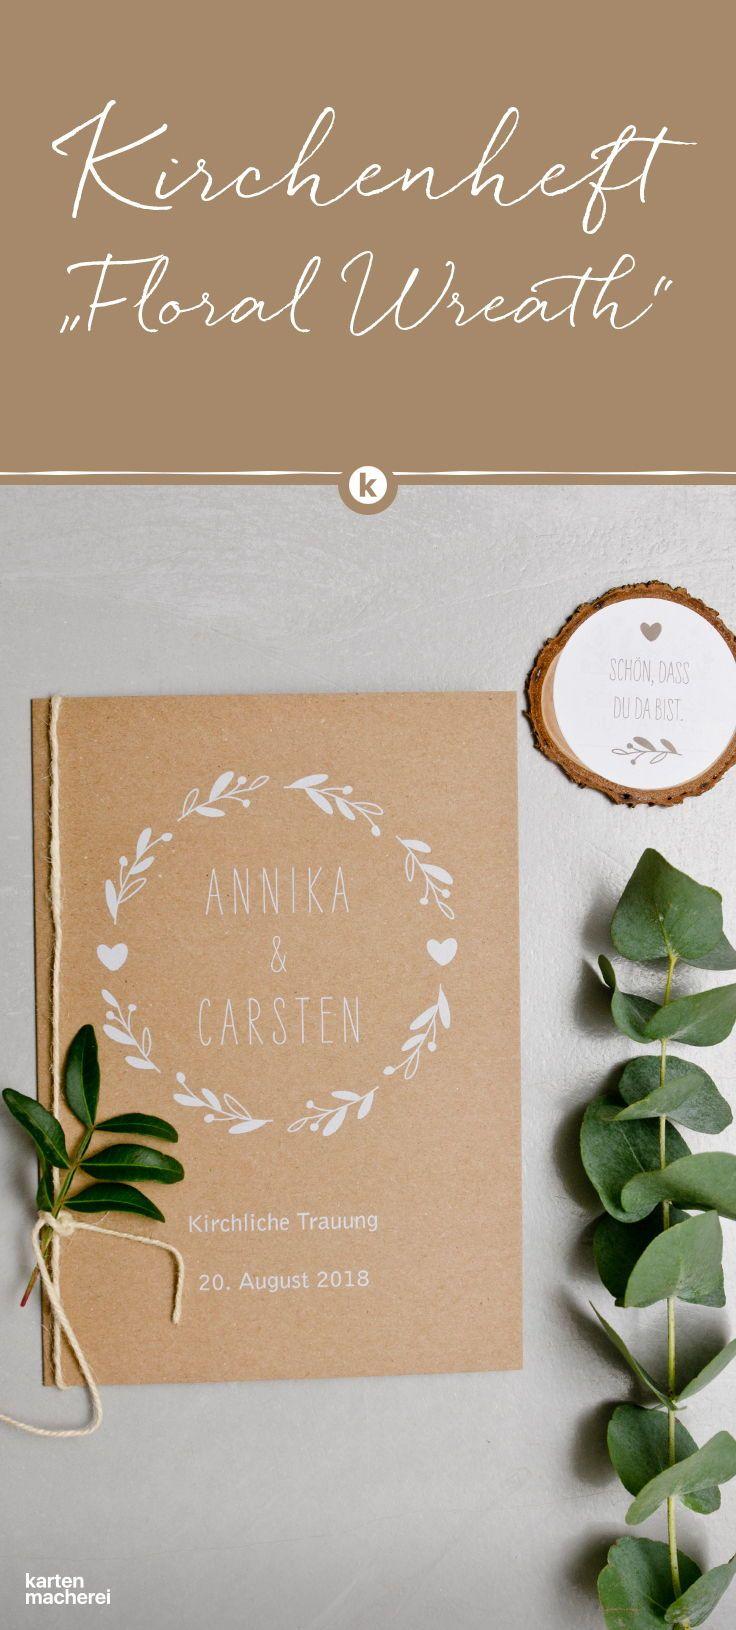 Schöne diy idee für eure hochzeit bindet kräuter pflanzenzweige oder eukalyptus an eure kirchenhefte für einen ganz persönlichen look